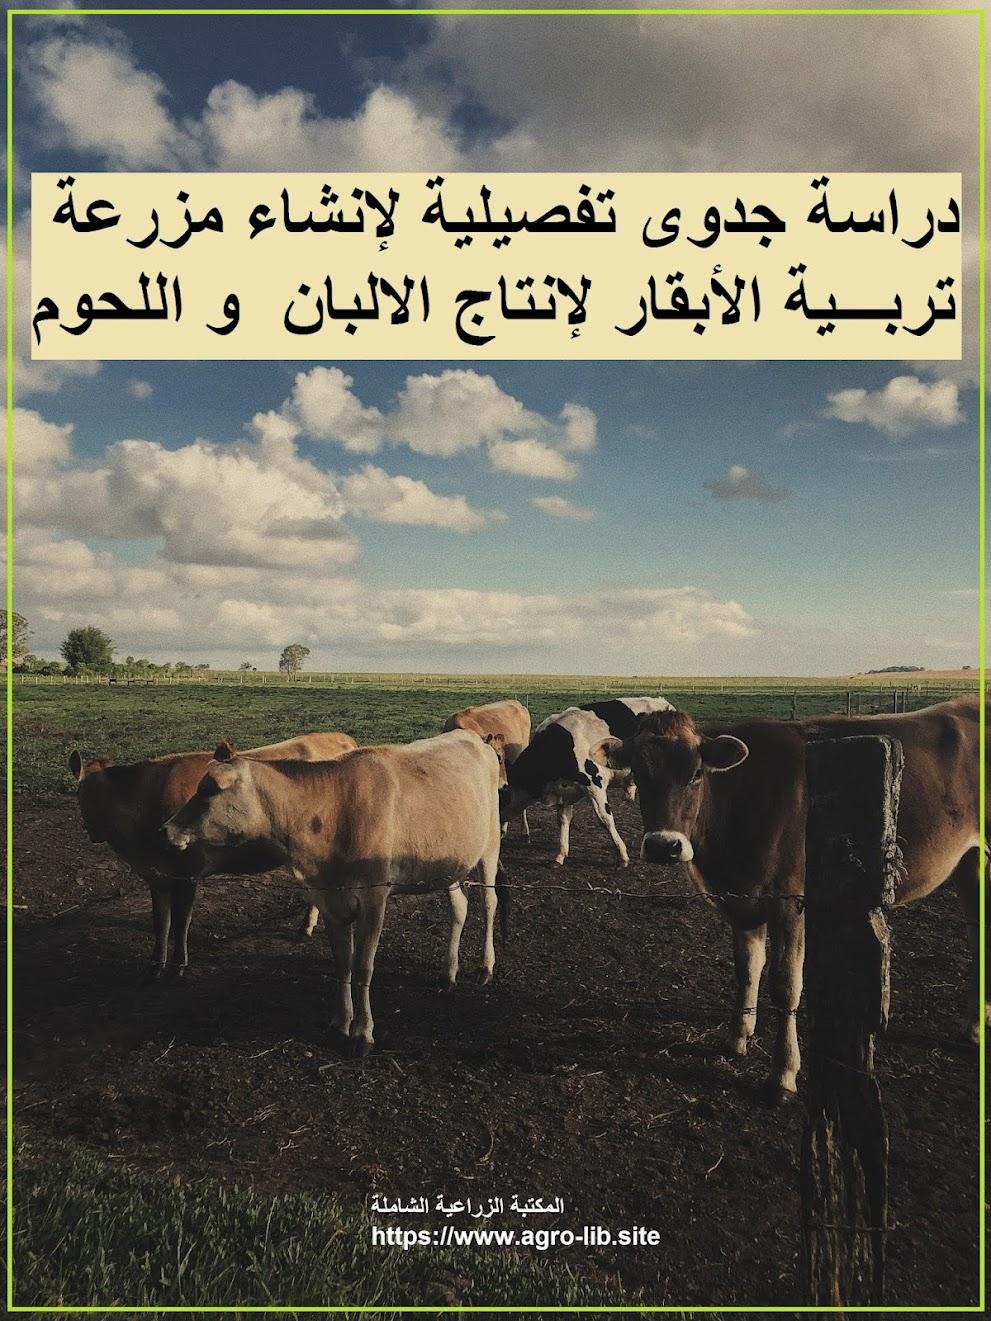 كتاب : دراسة جدوى تفصيلية لإنشاء مزرعة تربية الأبقار لإنتاج الالبان  و اللحوم